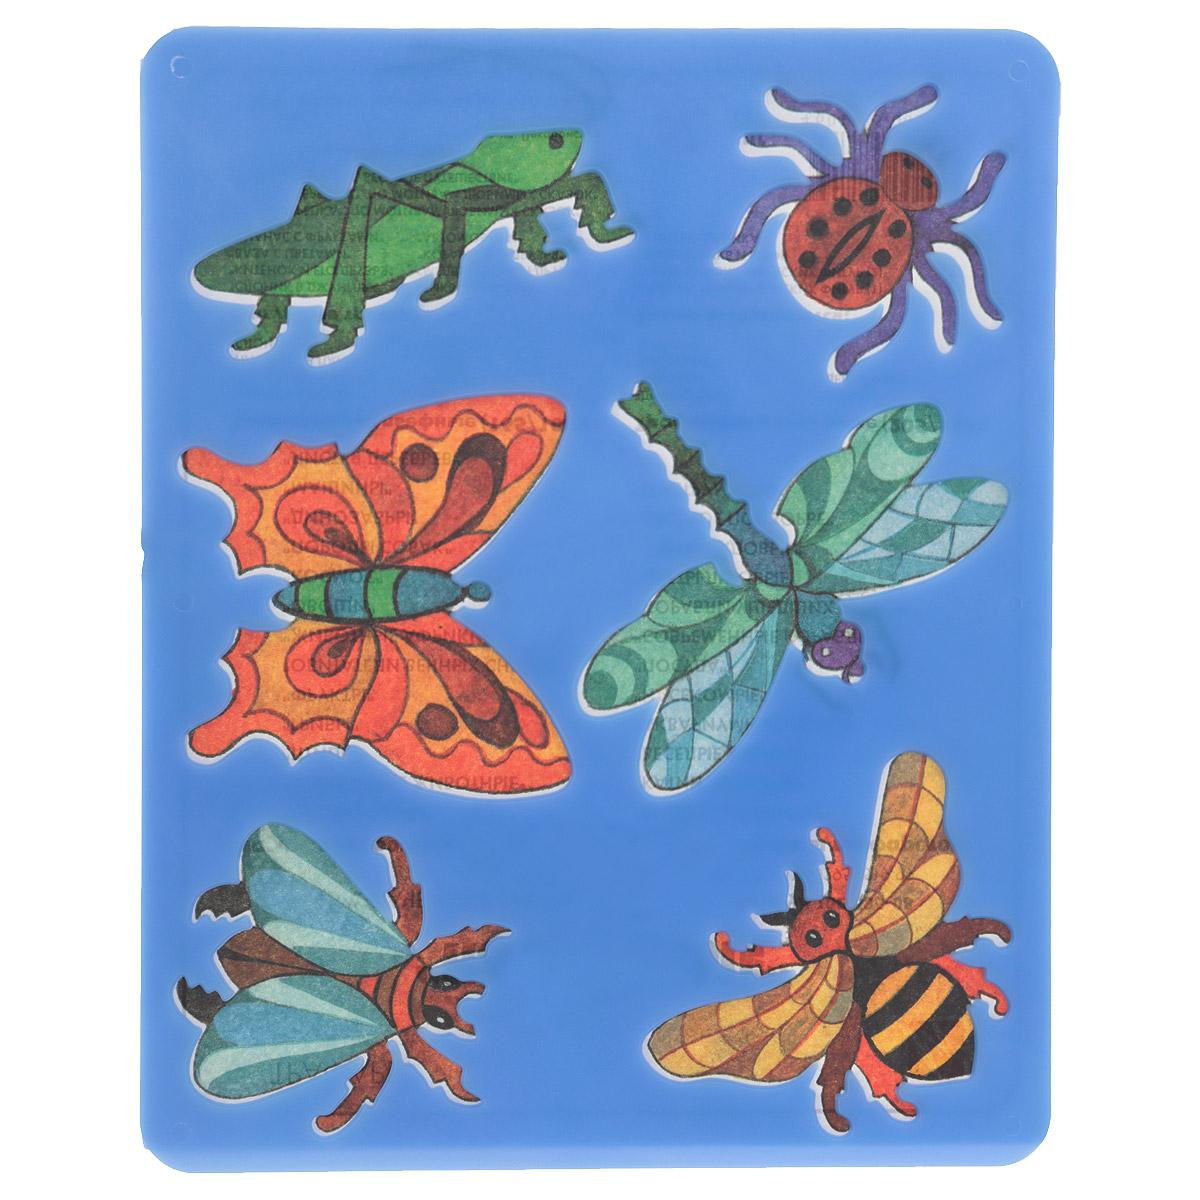 Луч Трафарет прорезной Насекомые цвет синий10С 535-08Трафарет Луч Насекомые, выполненный из безопасного пластика, предназначен для детского творчества. По трафарету маленький художник сможет нарисовать и отдельных насекомых, и сюжетные картинки с ними. Для этого необходимо положить трафарет на лист бумаги, обвести фигуру по контуру и раскрасить по своему вкусу или глядя на цветную картинку-образец. Трафареты предназначены для развития у детей мелкой моторики и зрительно-двигательной координации, навыков художественной композиции и зрительного восприятия.